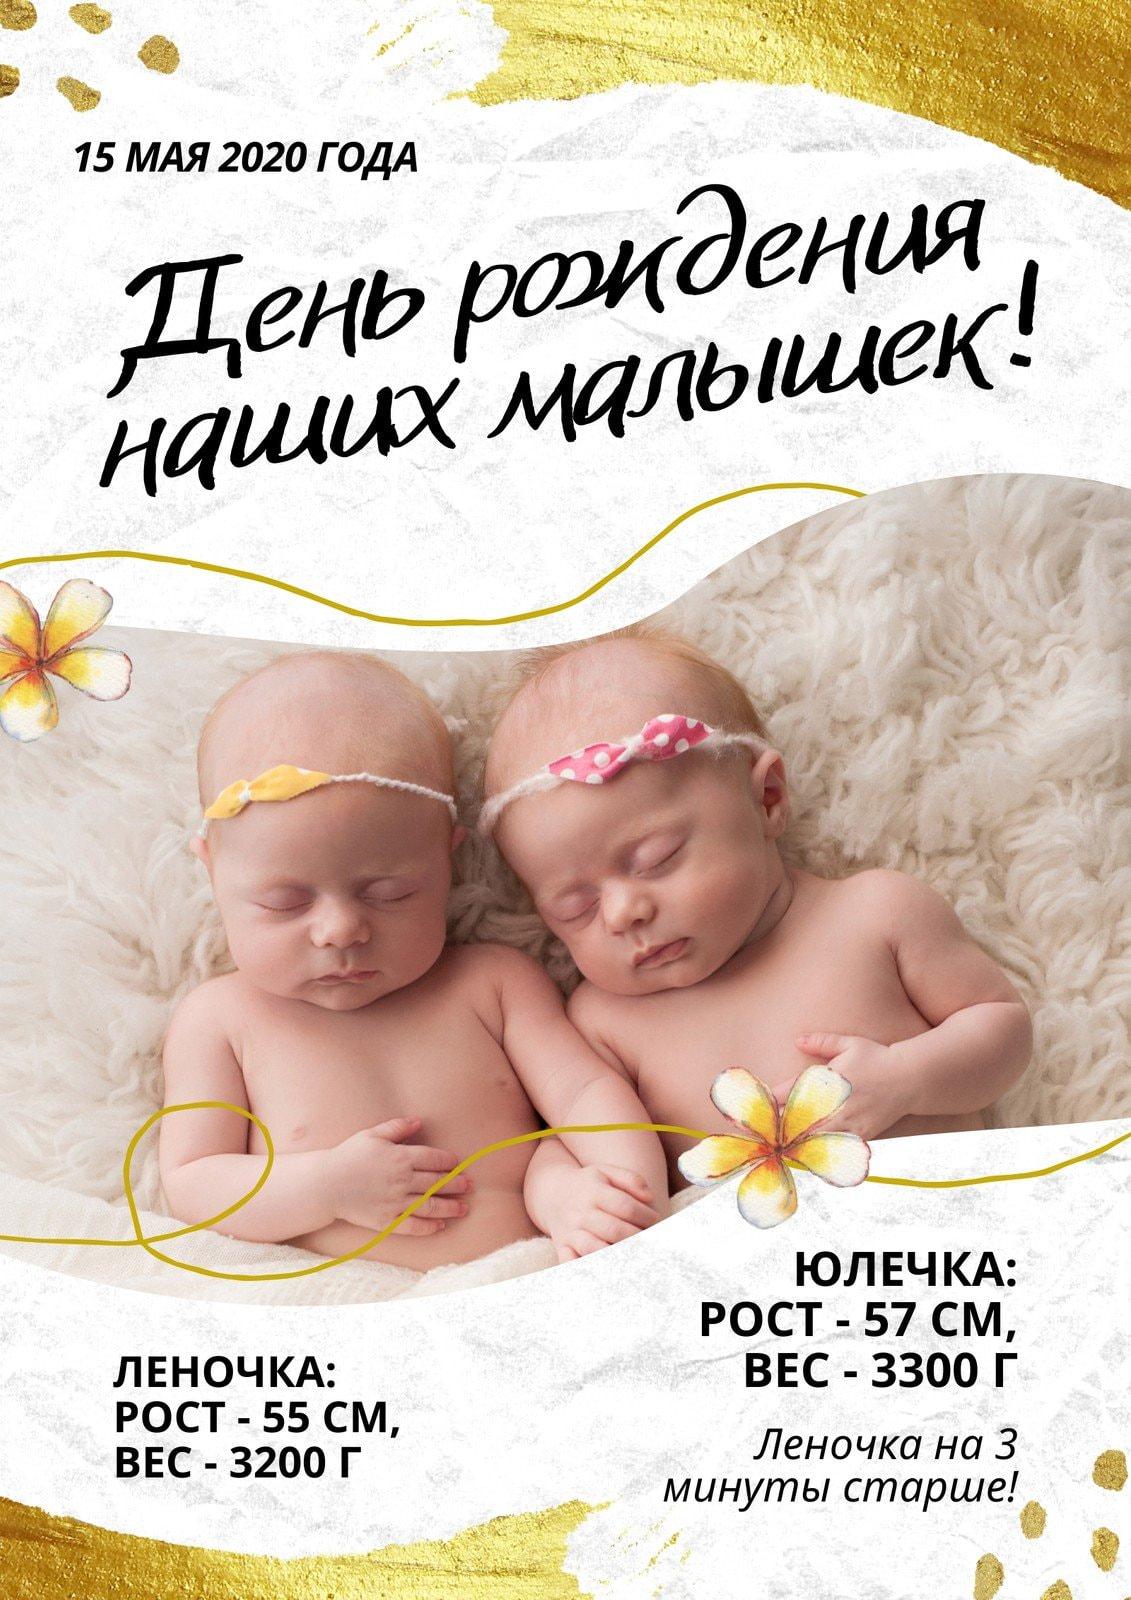 Бело-золотая метрика ребенка с фотографией близнецов